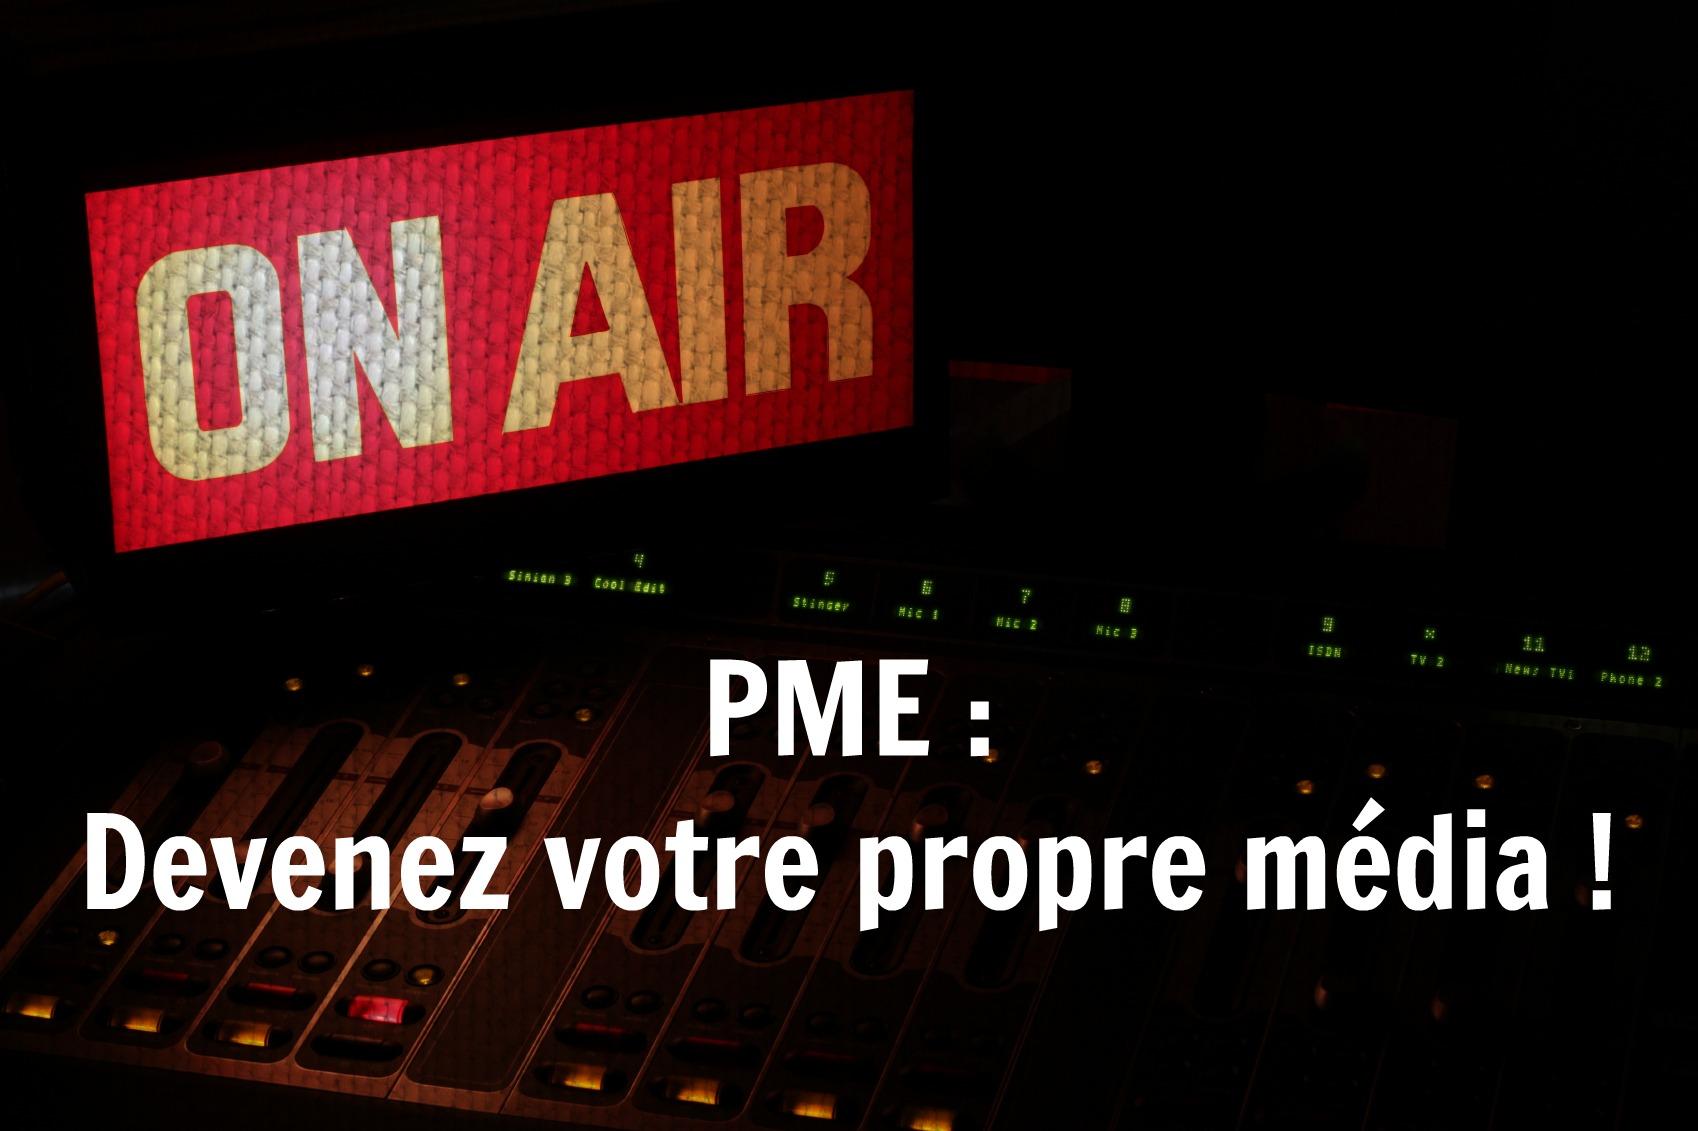 PME: Devenez votre propre média!